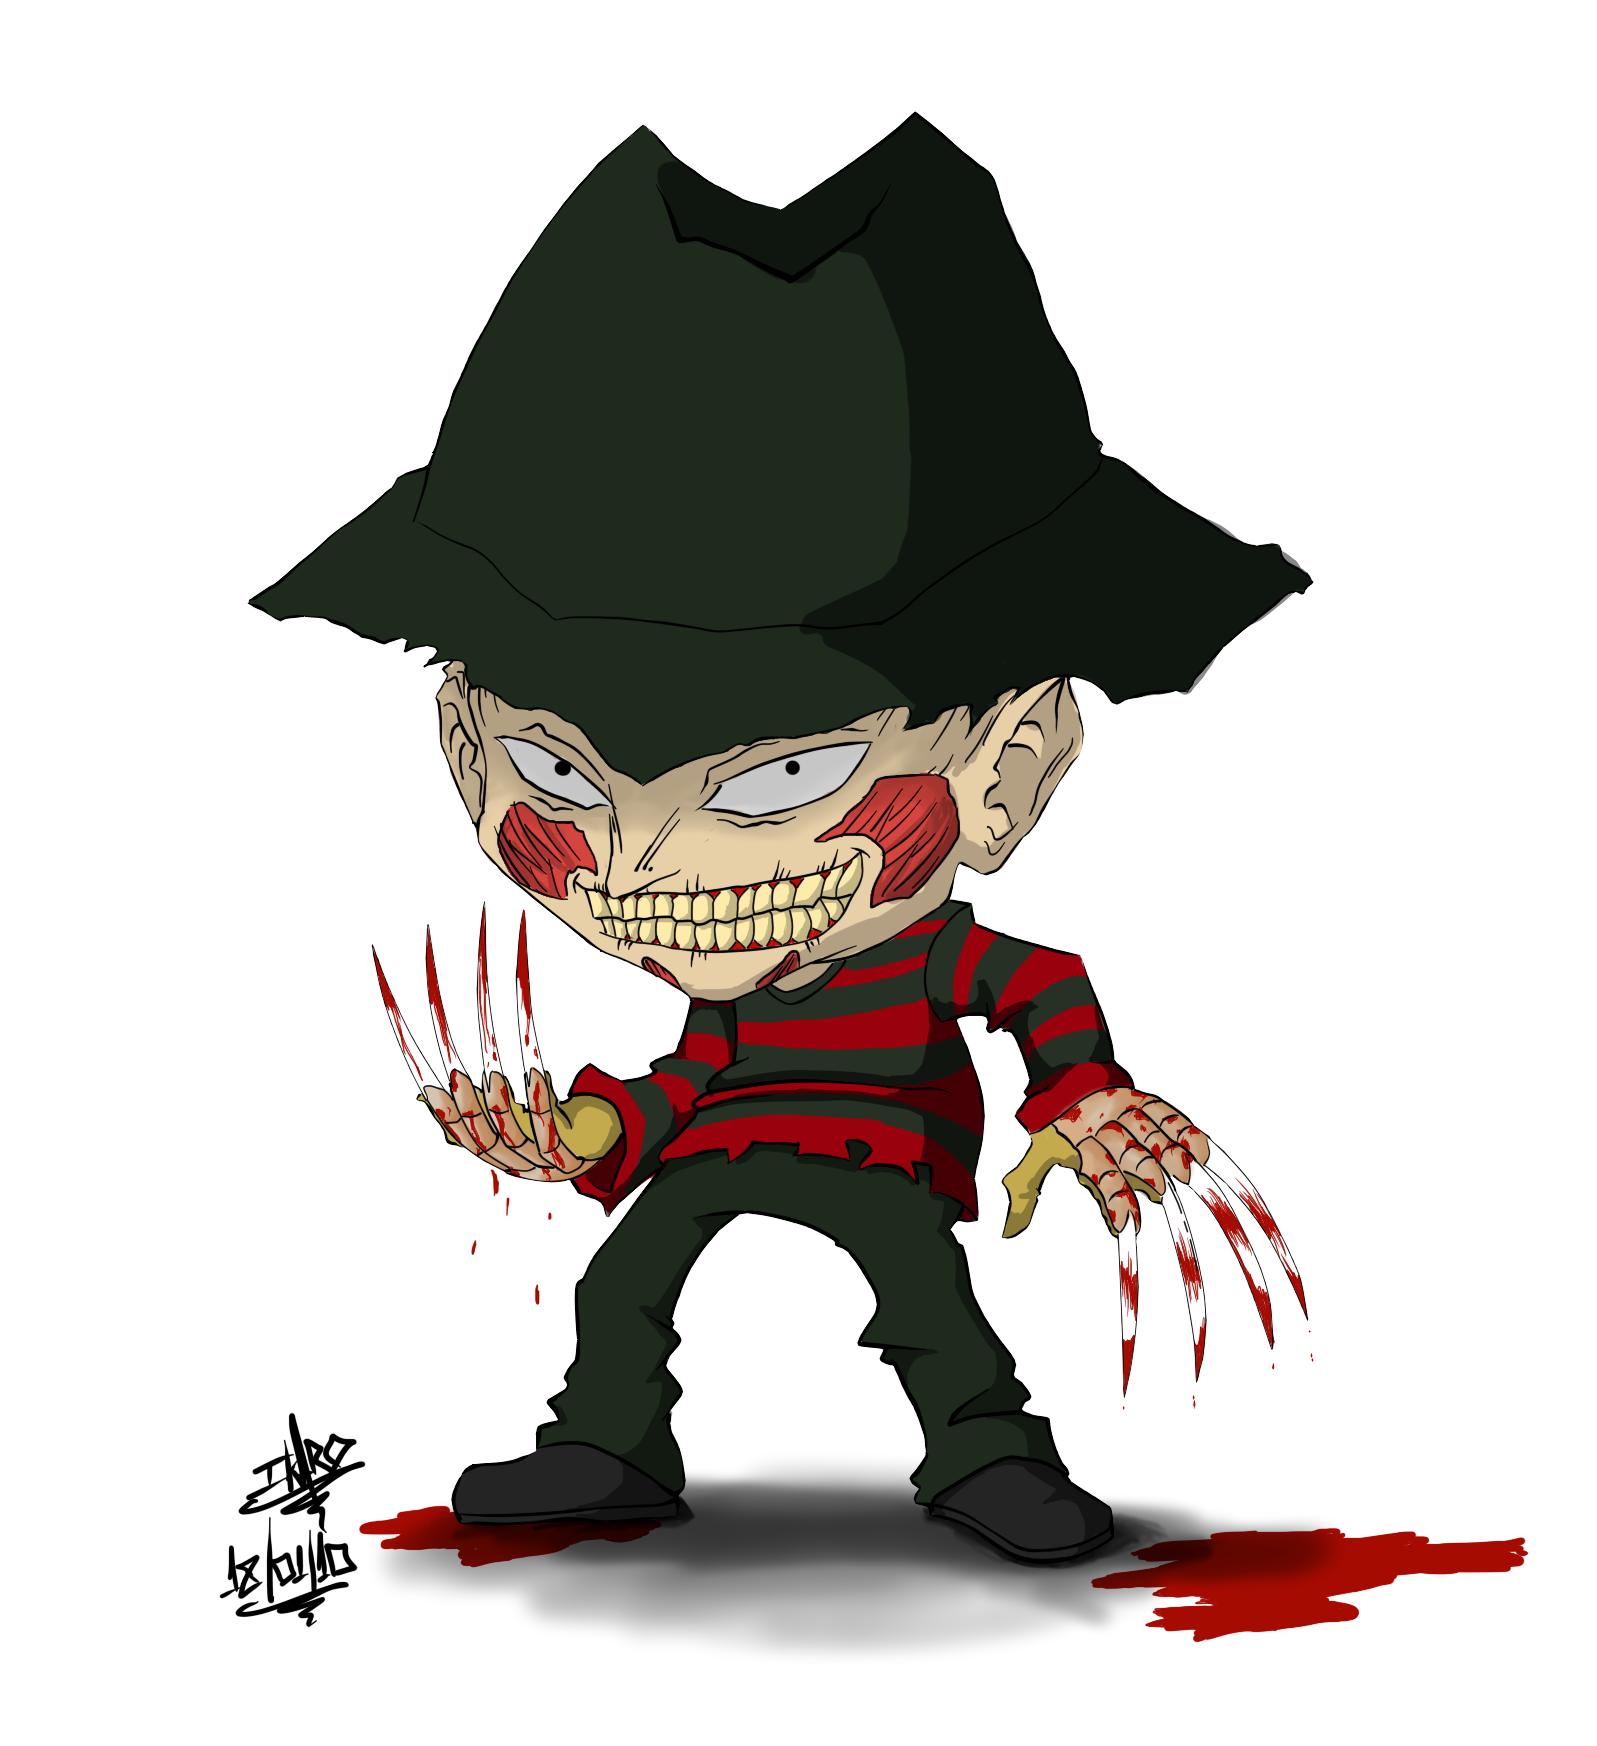 Chibi Freddy Krueger